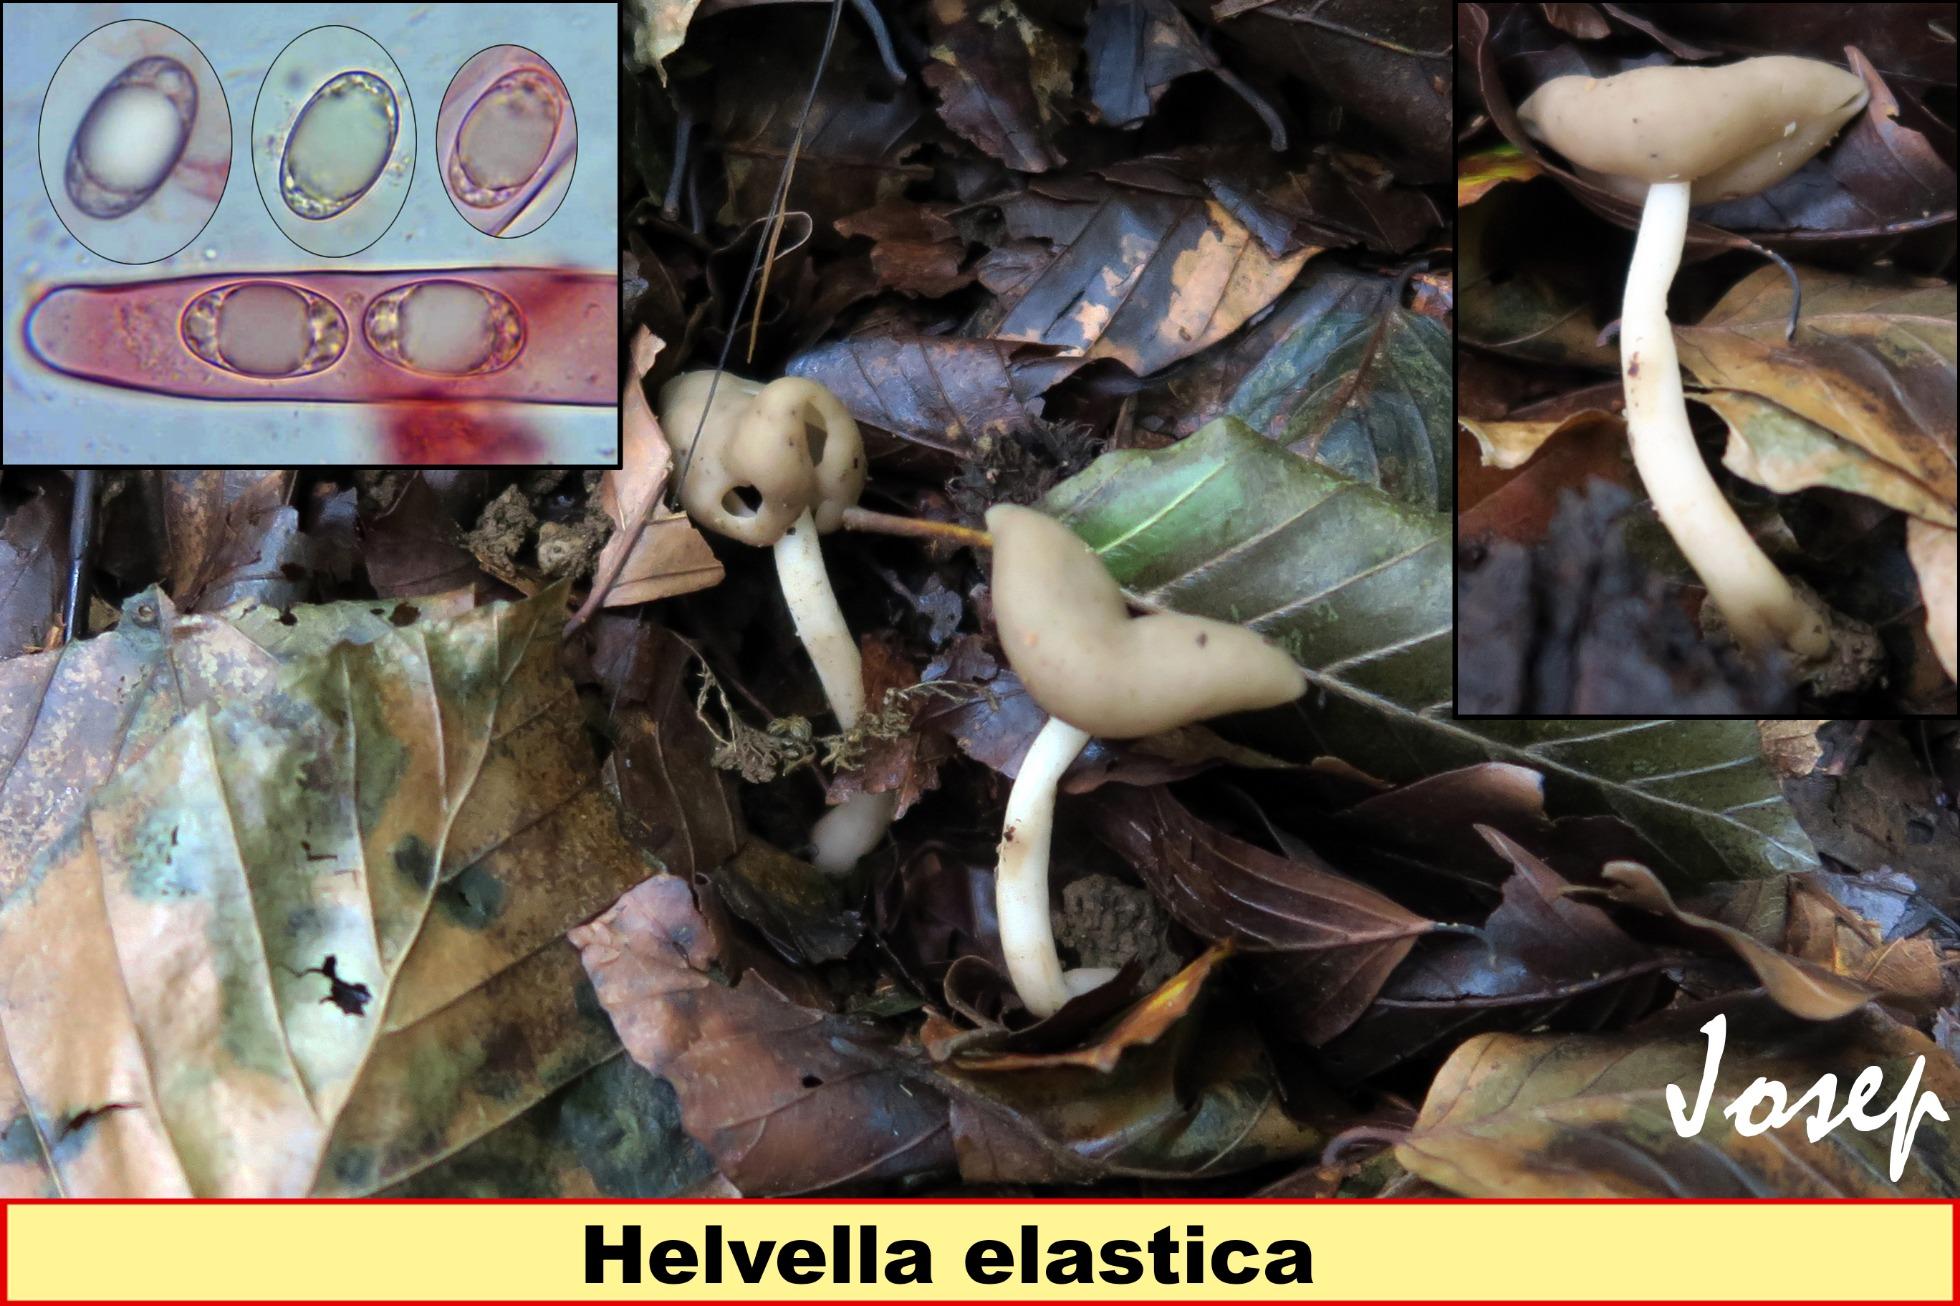 Helvellaelastica_2018-12-13.jpg